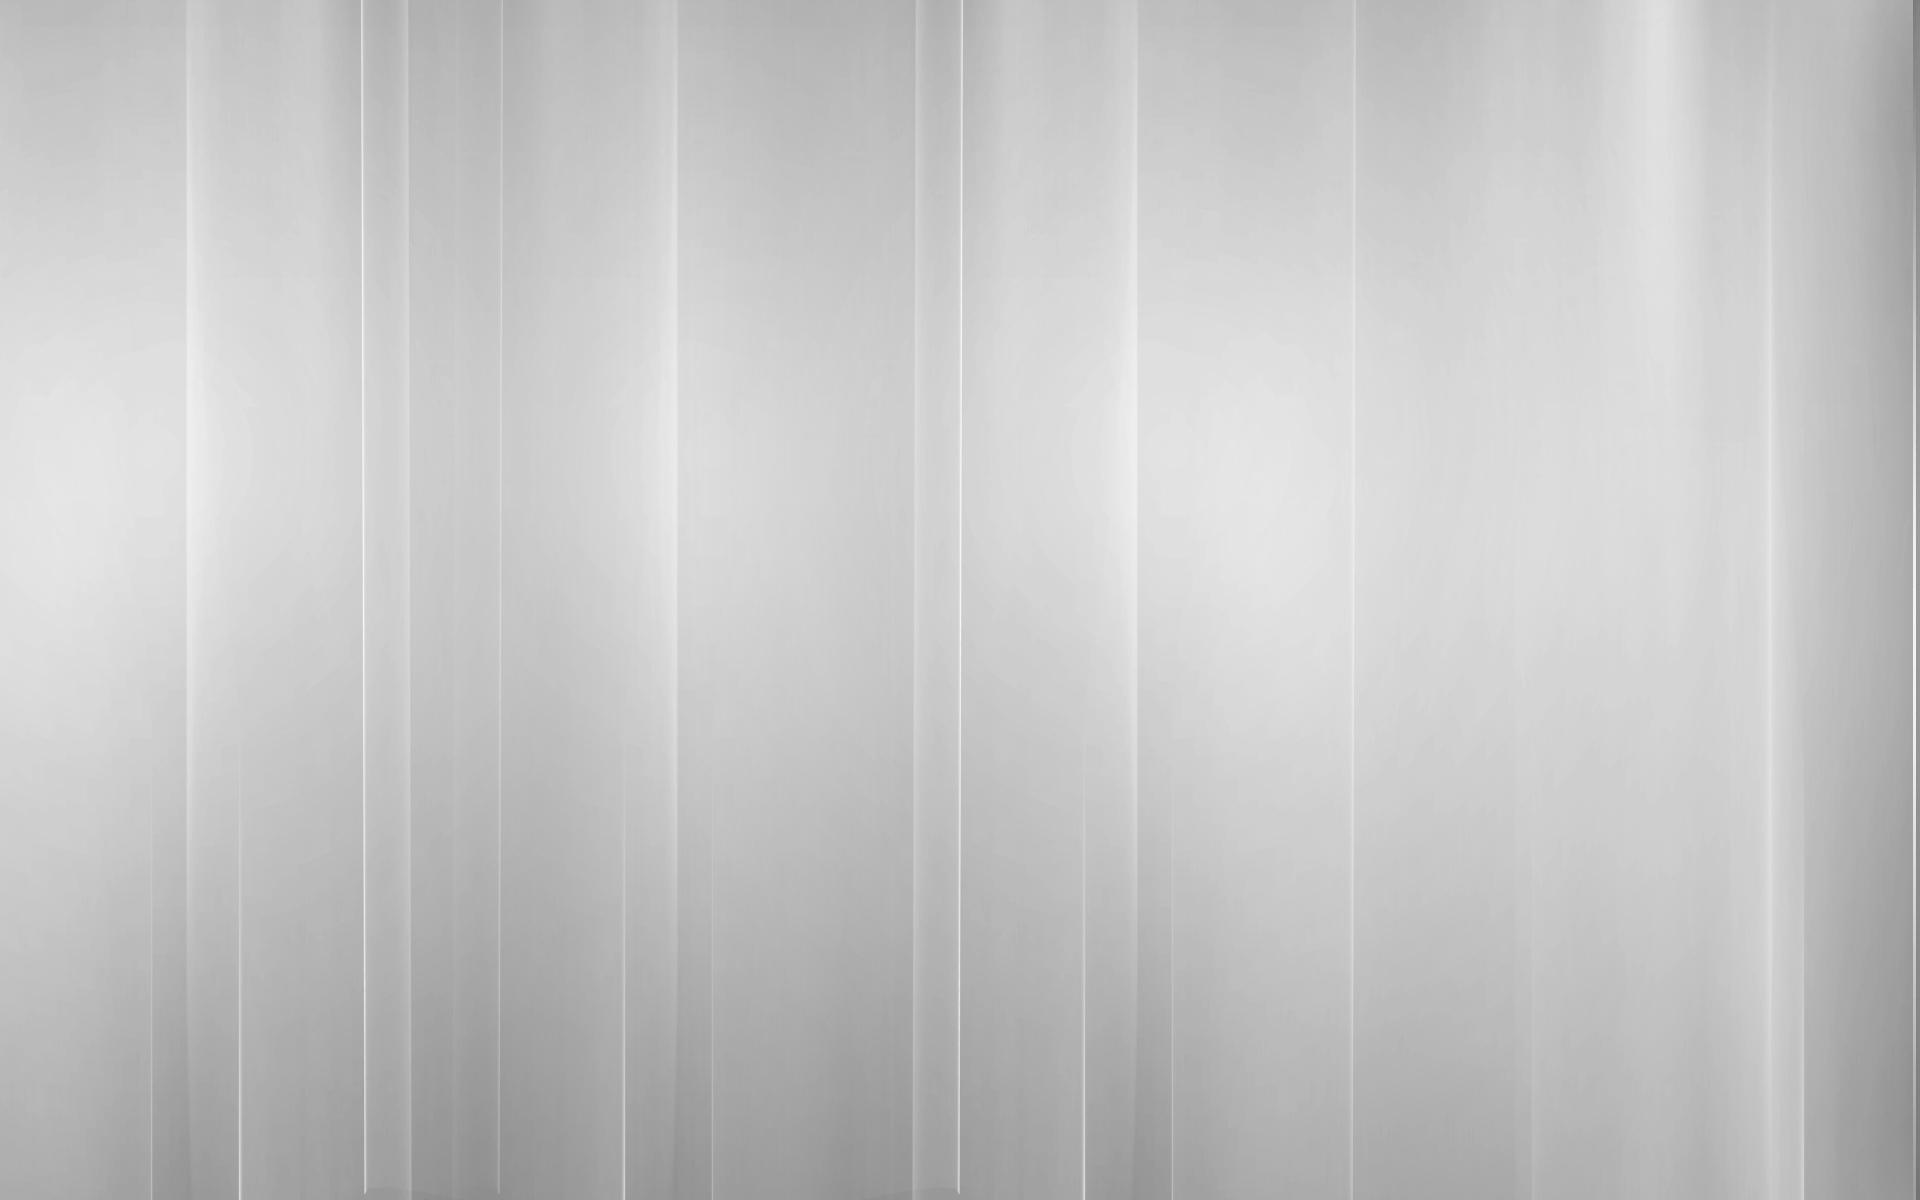 Home White hd wallpaper Blank White Wallpaper Wallpapers Hd Fine 1920x1200